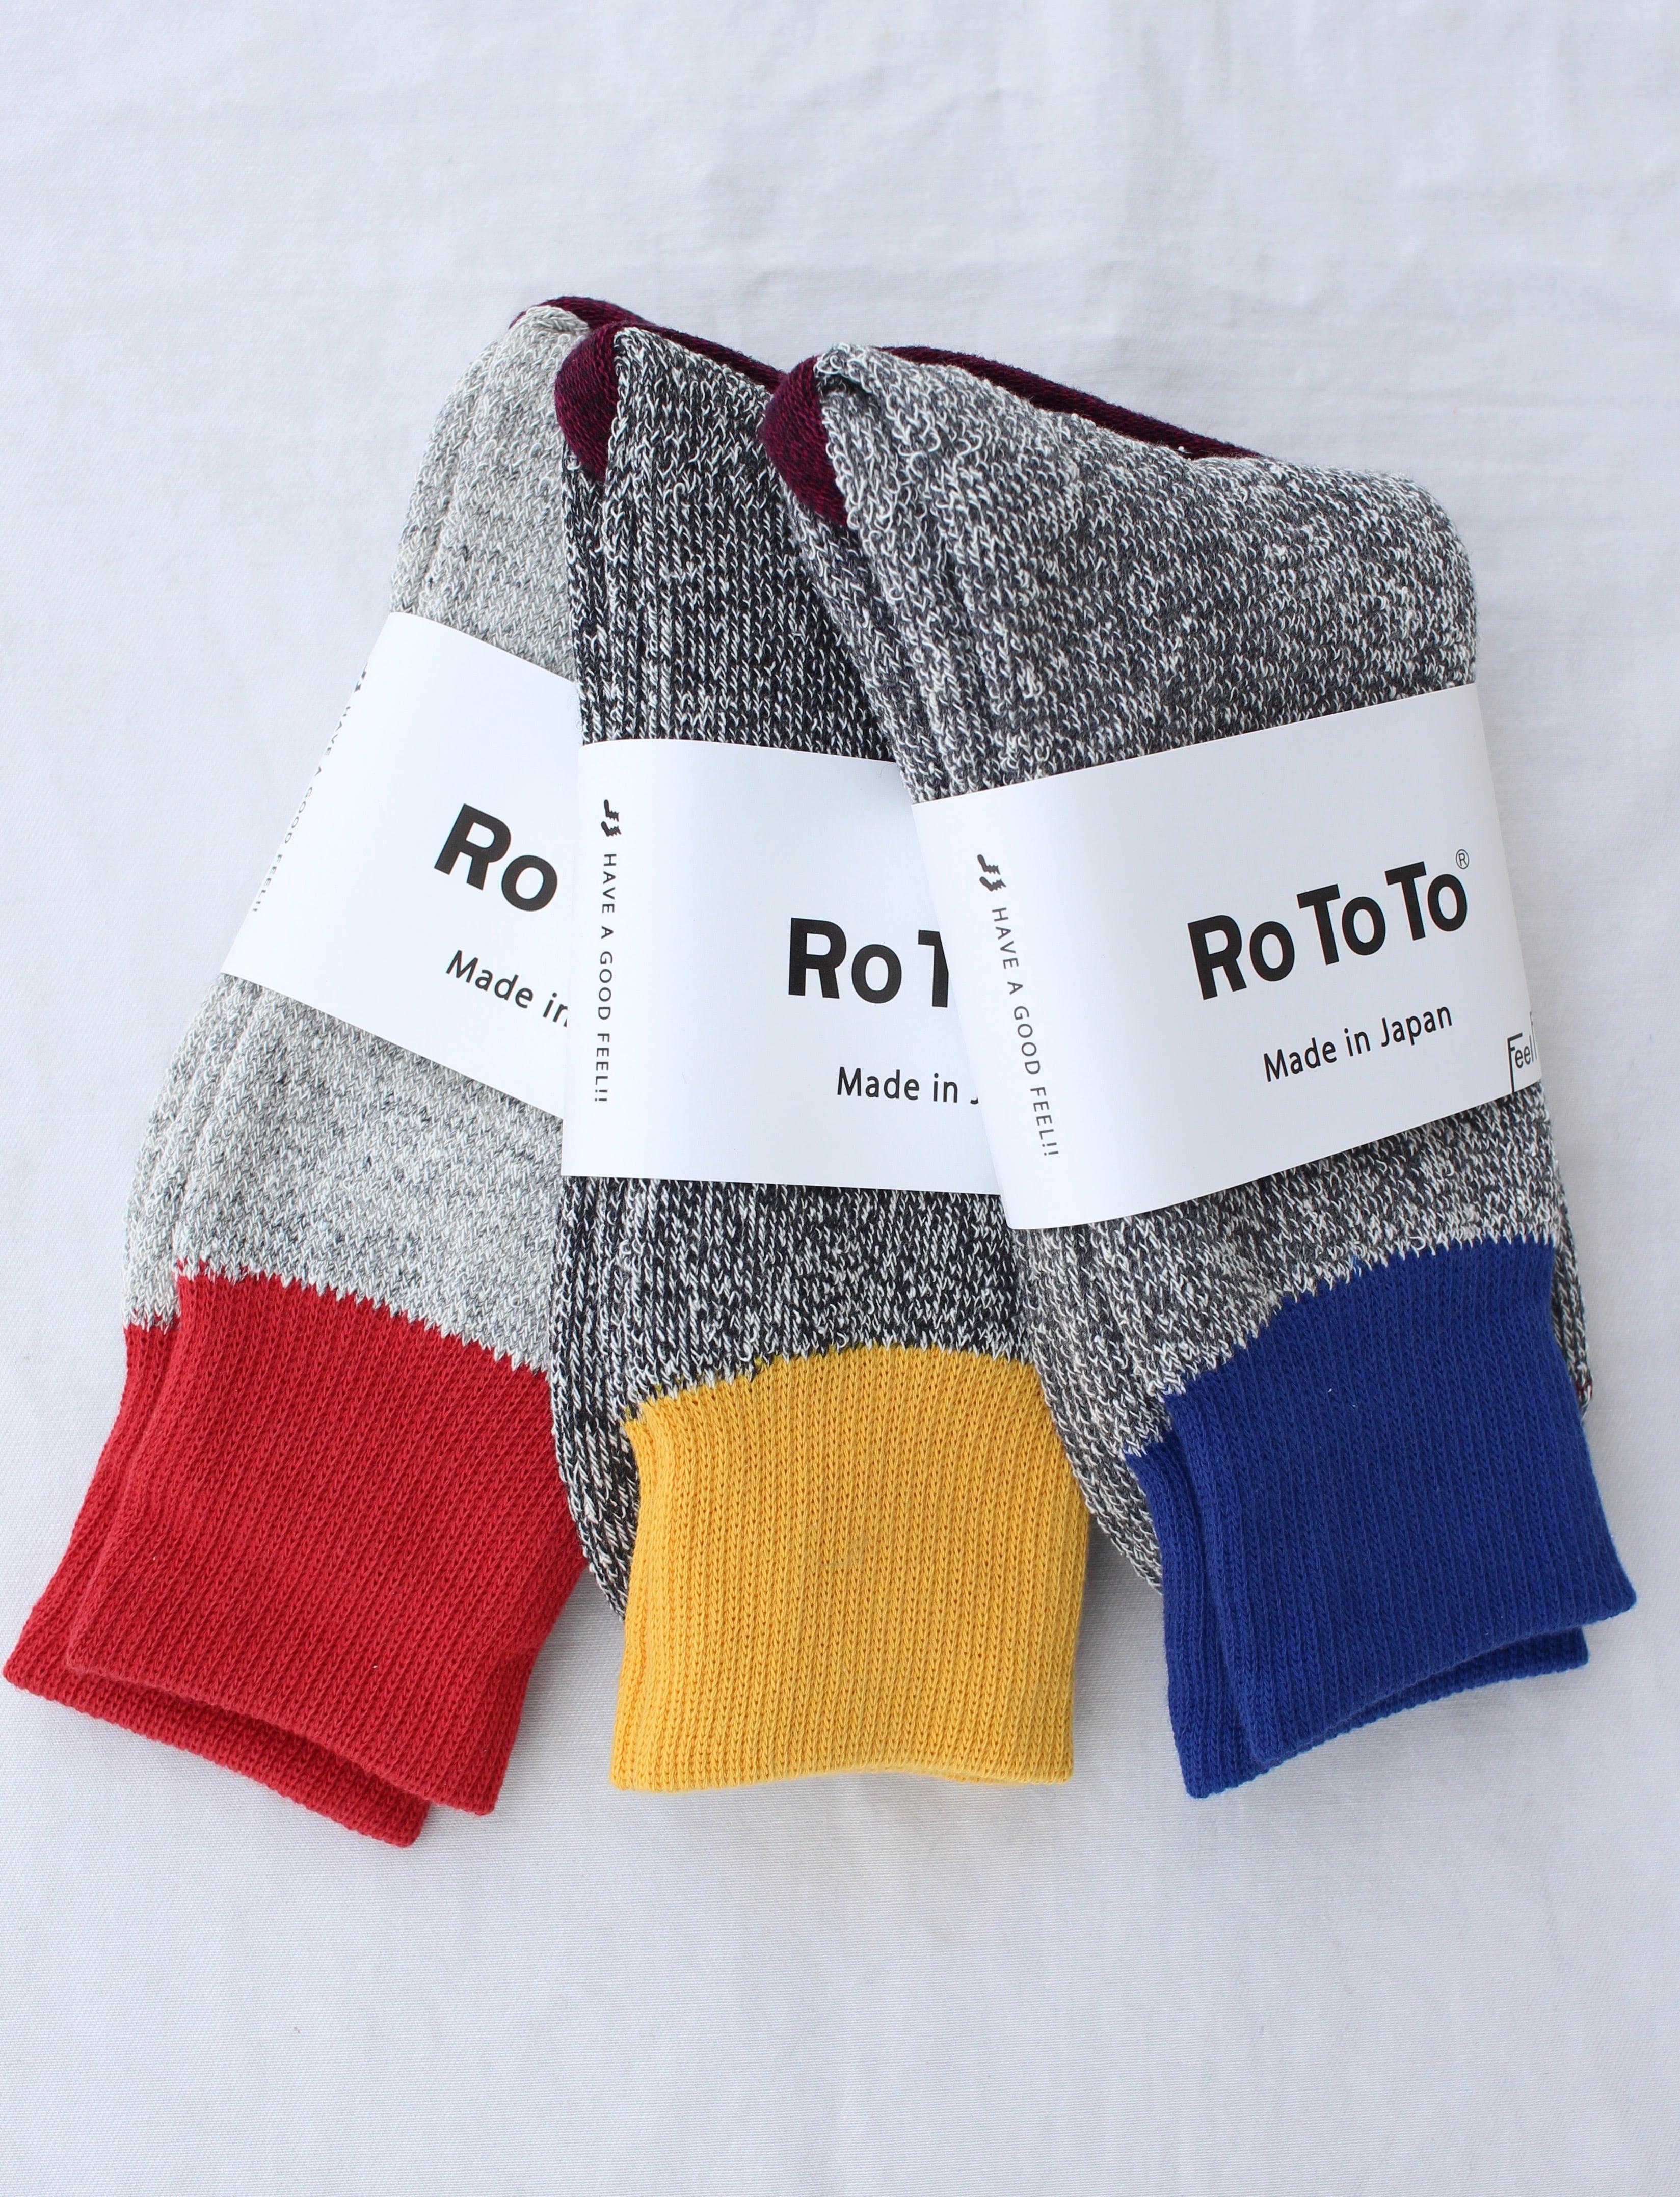 ROTOTO(ロトト)/ Double Face Socks   Silk & Cotton(ダブルフェイス ソックス シルク&コットン)